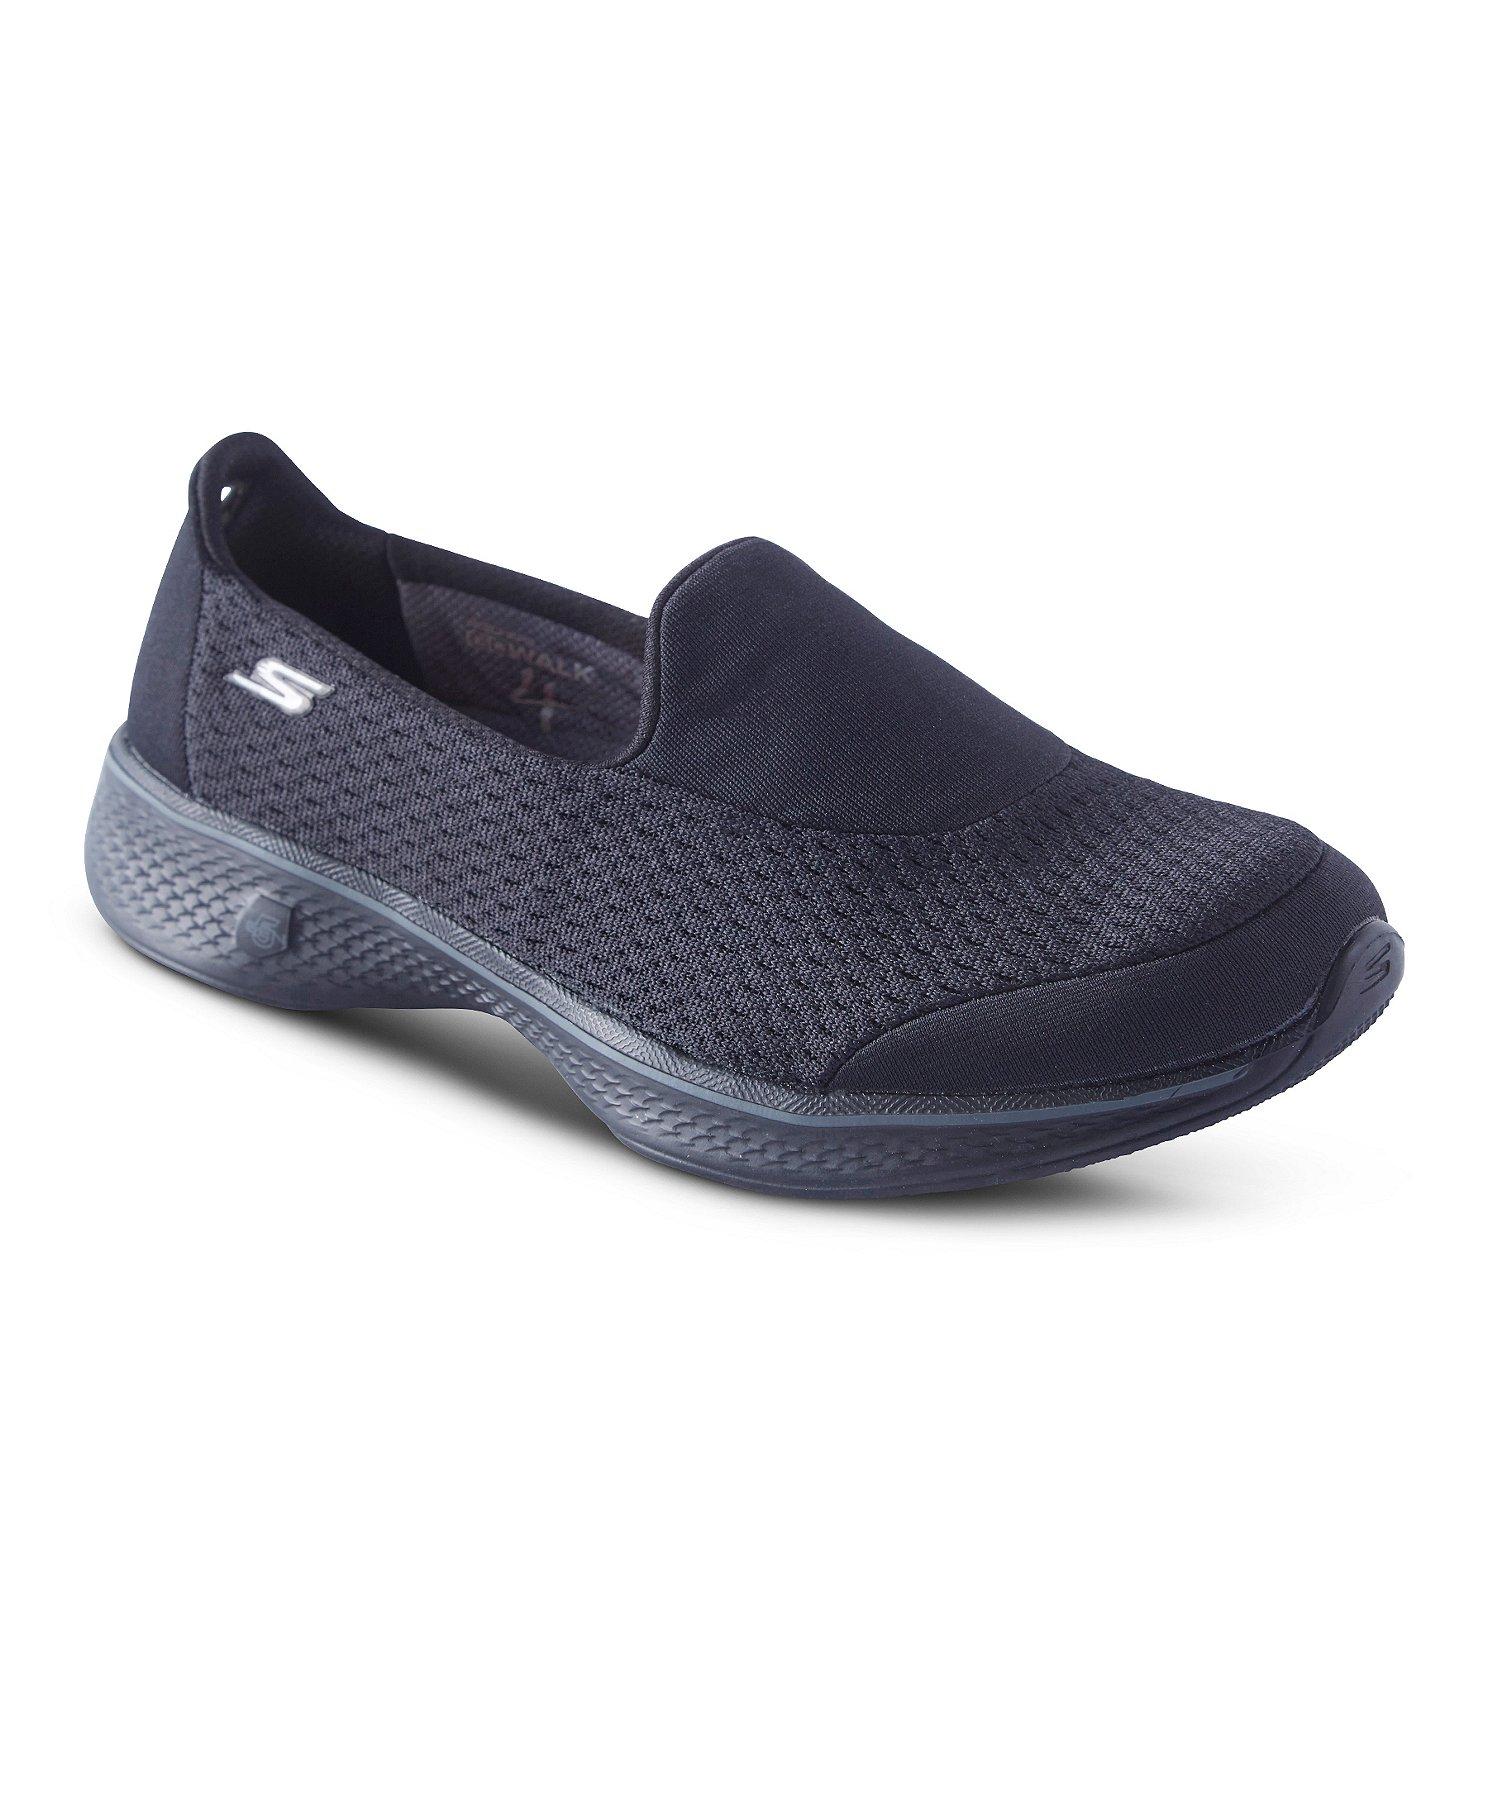 10b0ec8fc601d Women's Go Walk Mesh Slip-On Shoes